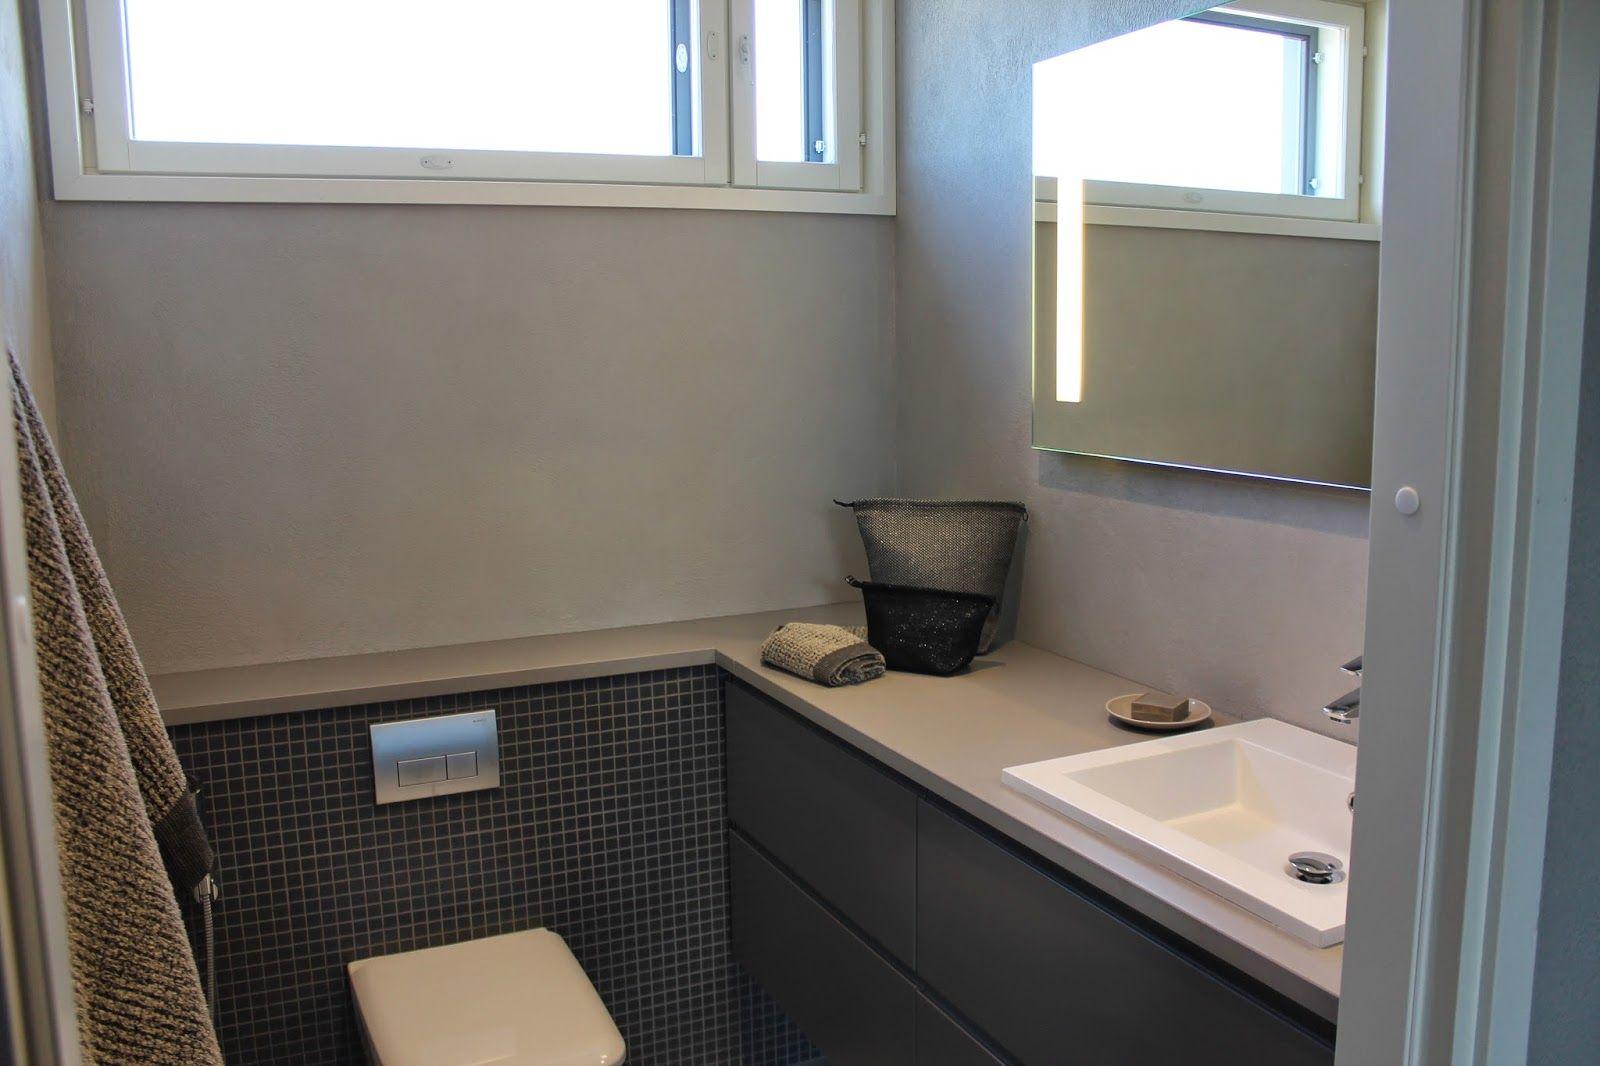 Seinäwc:n kotelointi liittyy sulavasti allastasoon.